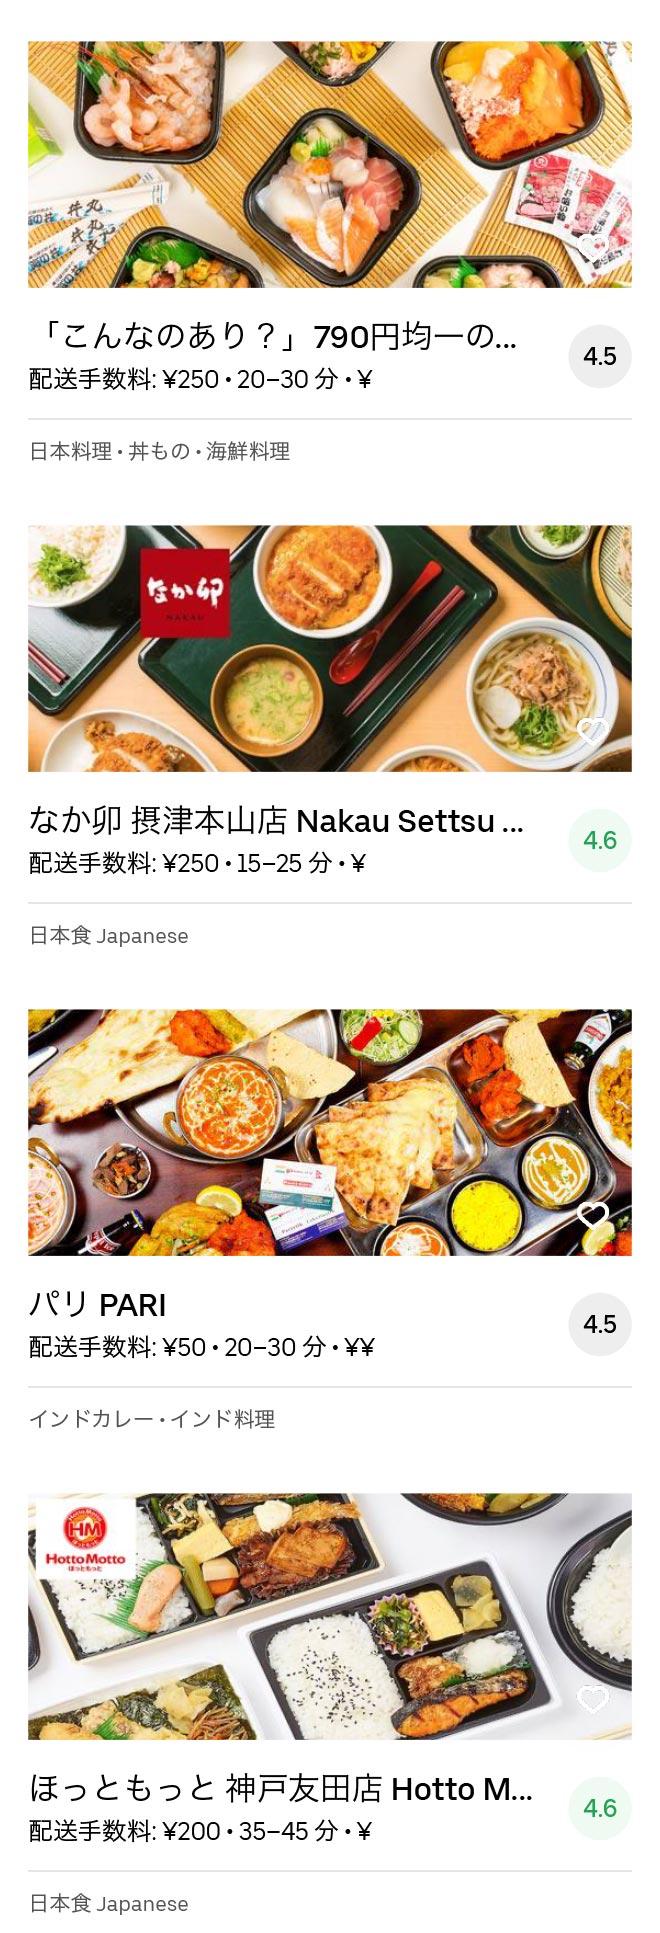 Kobe sumiyoshi menu 2005 07